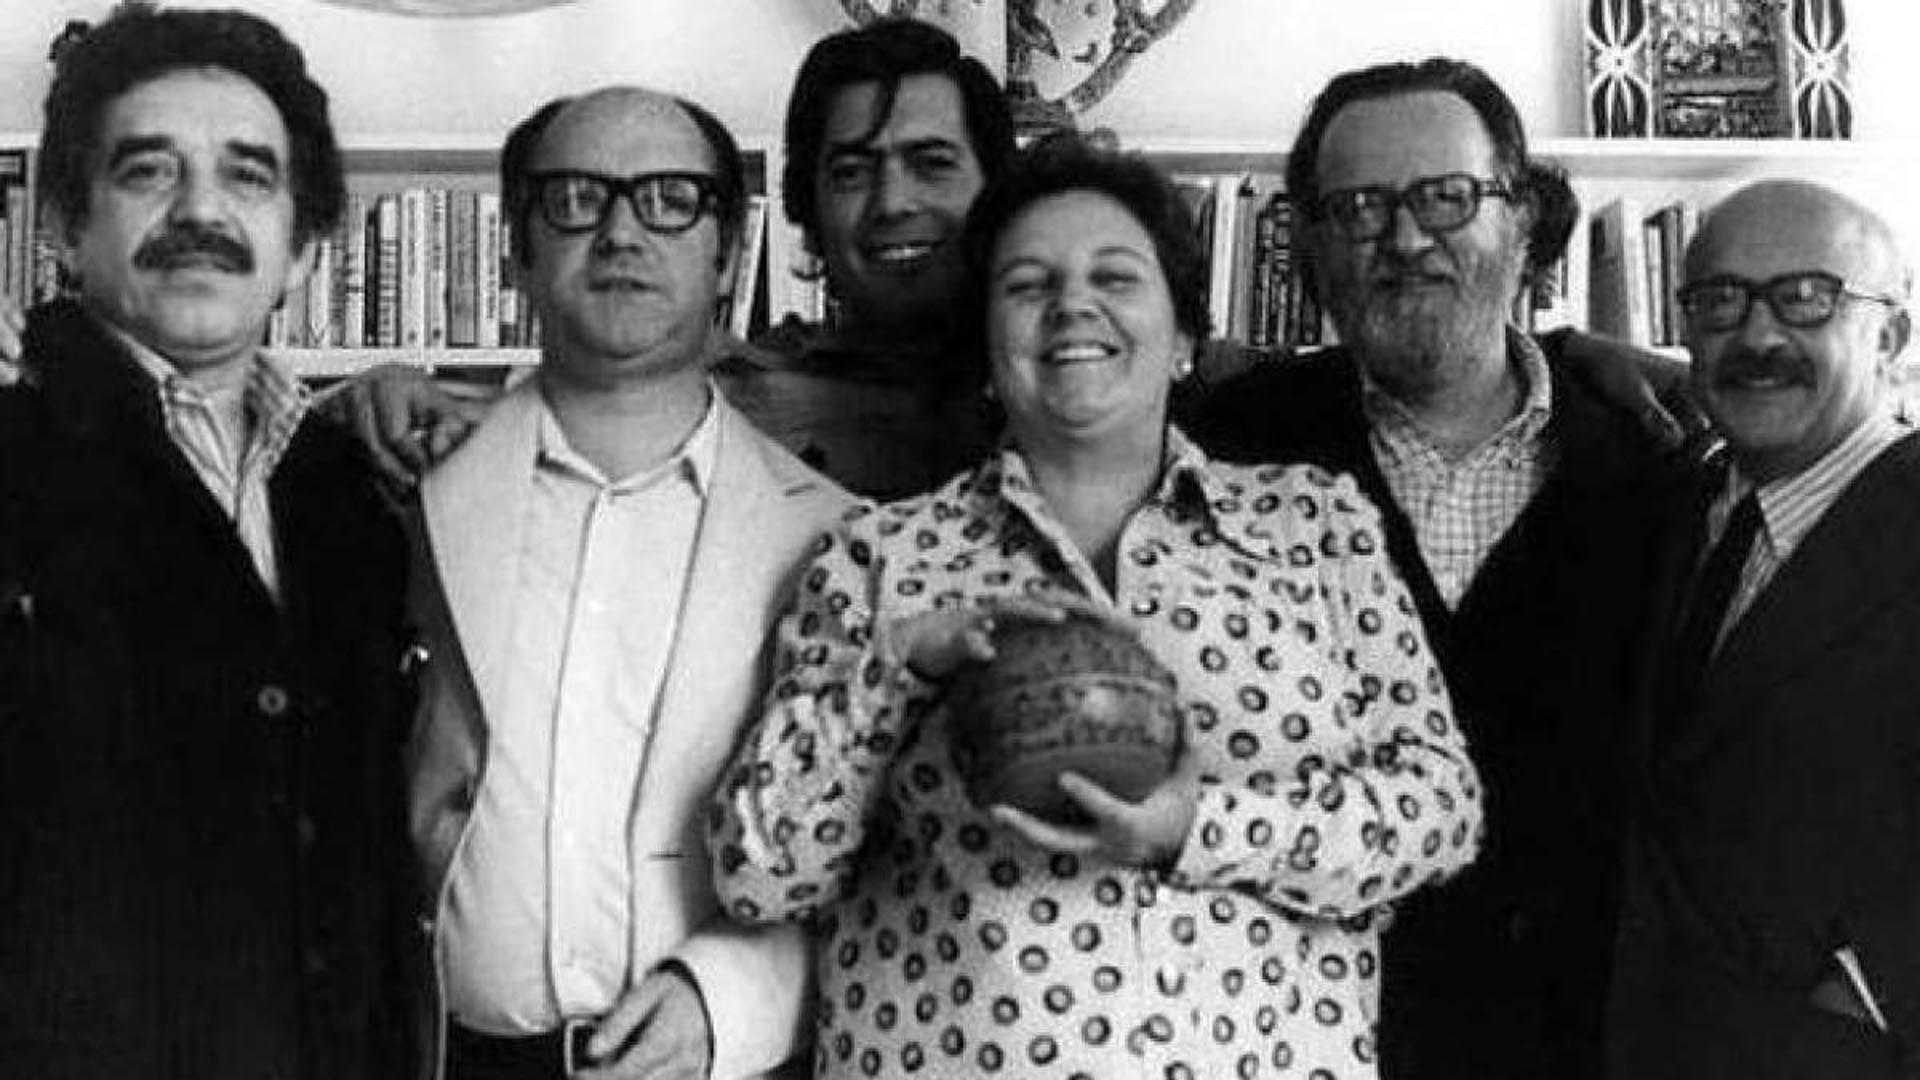 La agente literaria Carmen Balcells posa sonriente con García Márquez, Jorge Edwards, Vargas Llosa, José Donoso y el guionista español Ricardo Muñoz Suay. Faltan Julio Cortázar y Carlos Fuentes